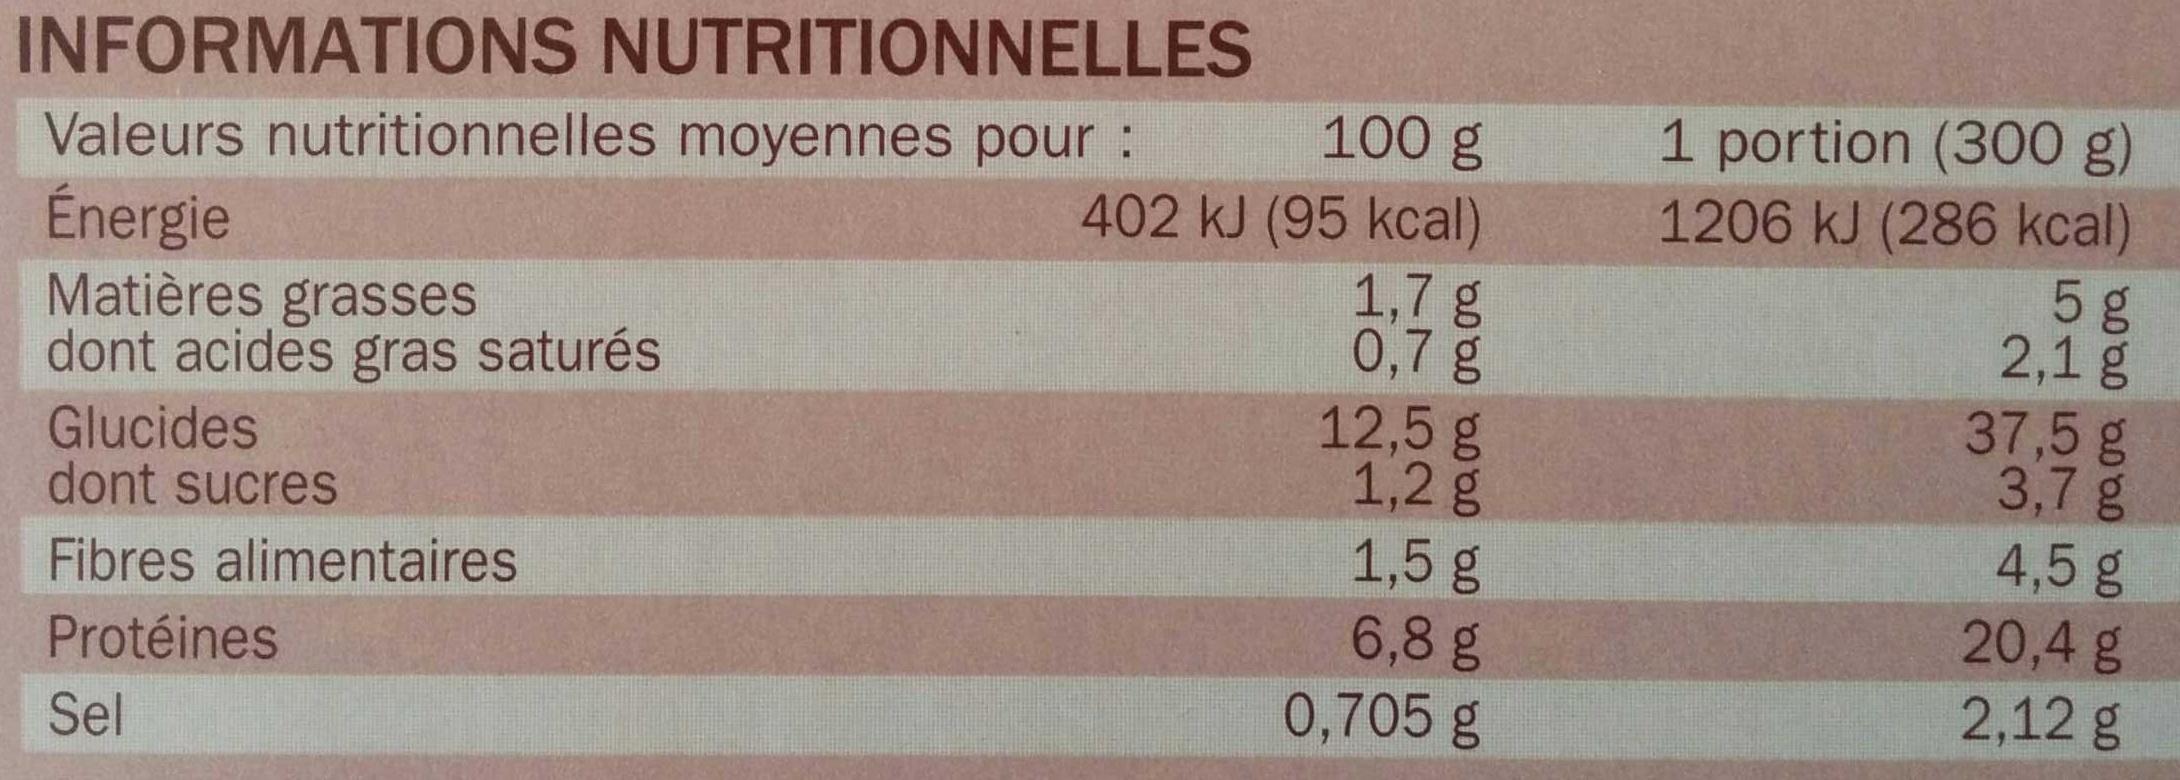 Tagliatelles au poulet sauce crème et champignons - Nutrition facts